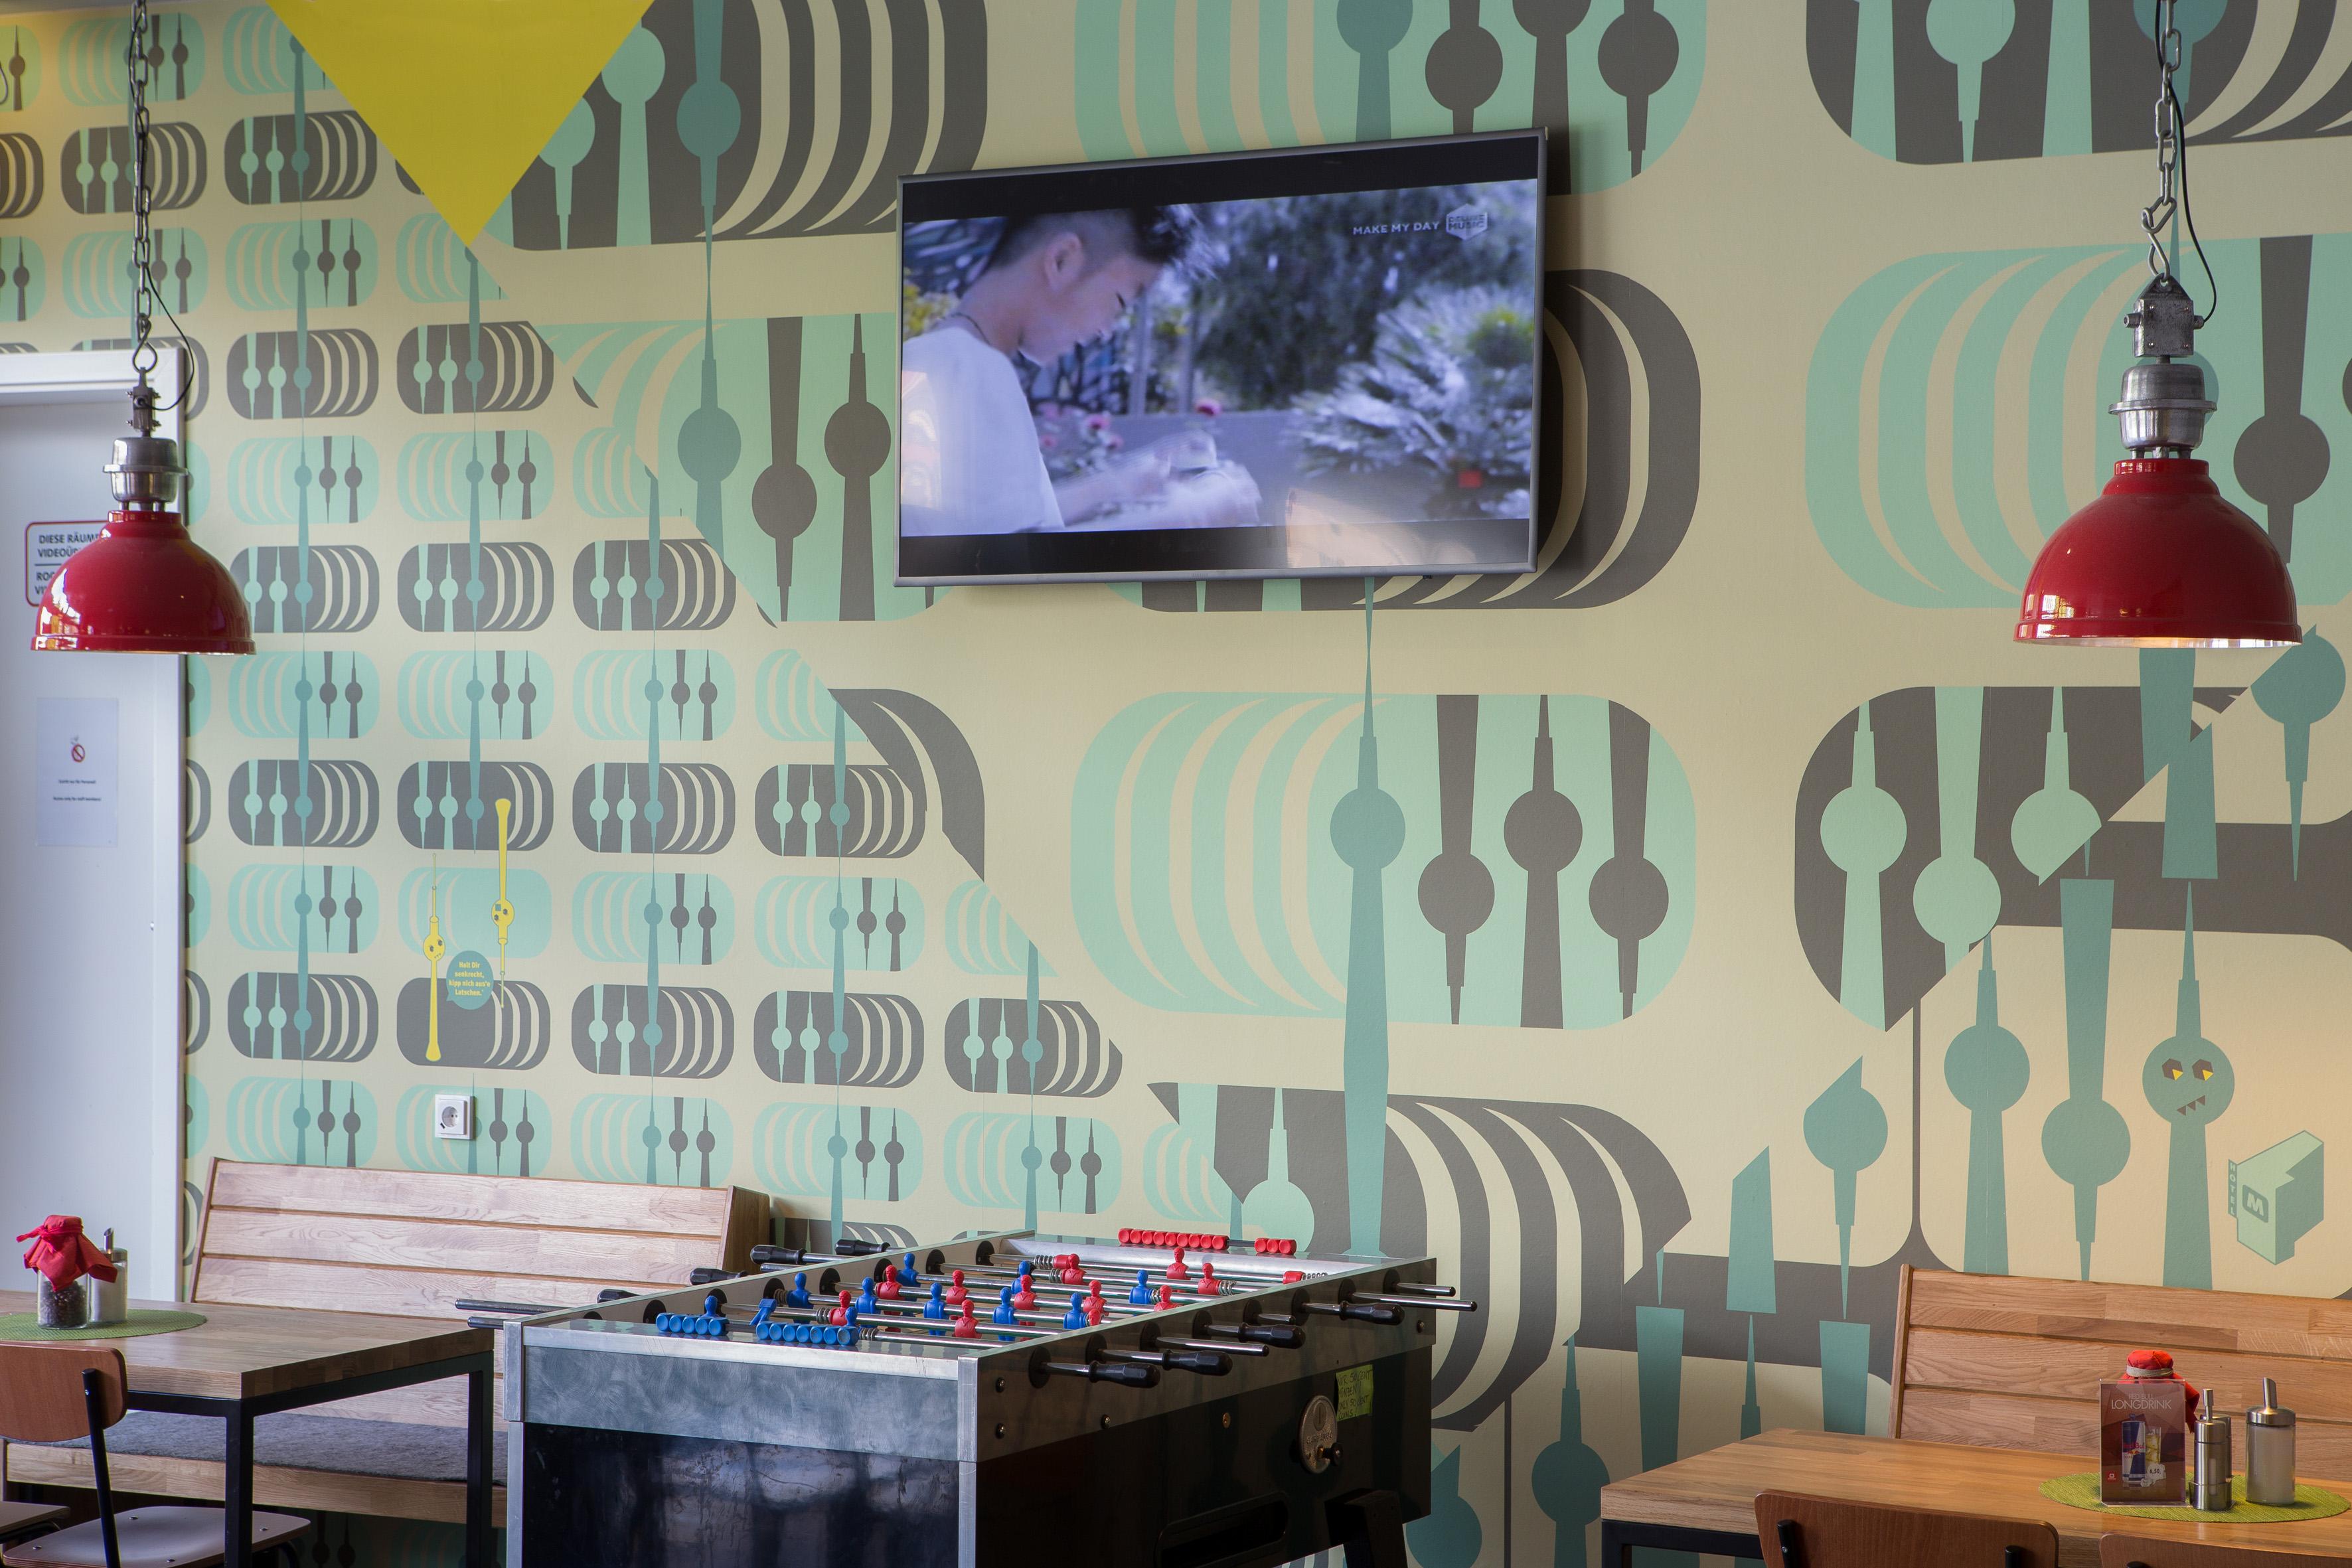 MEININGER Hotel Berlin Alexanderplatz - Gaming area